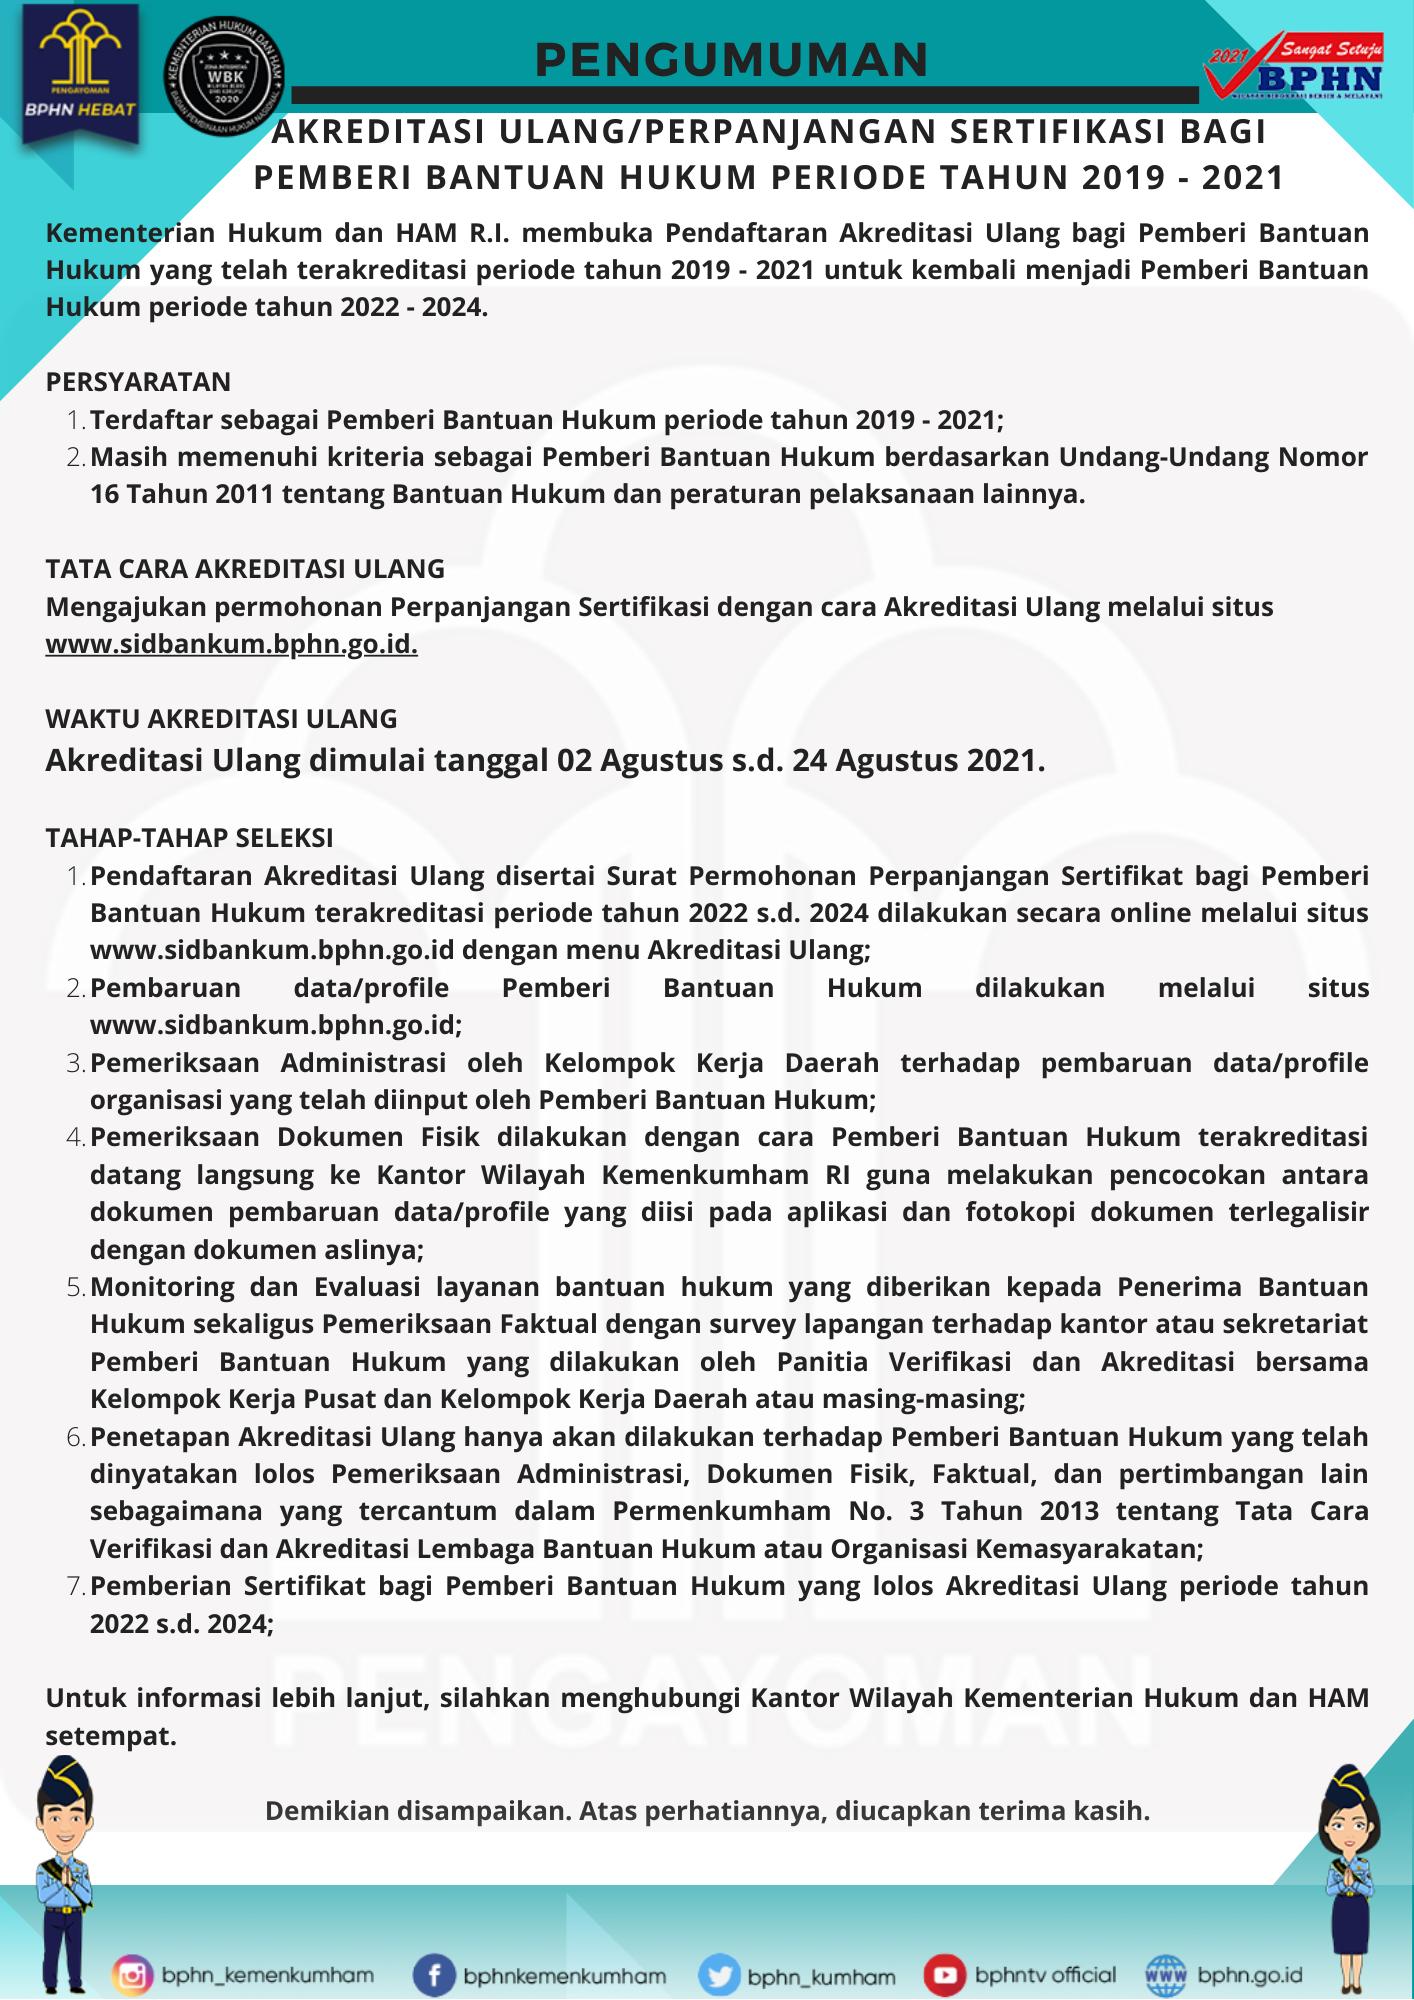 Akreditasi Ulang Bagi Pemberi Bantuan Hukum Periode 2019-2021